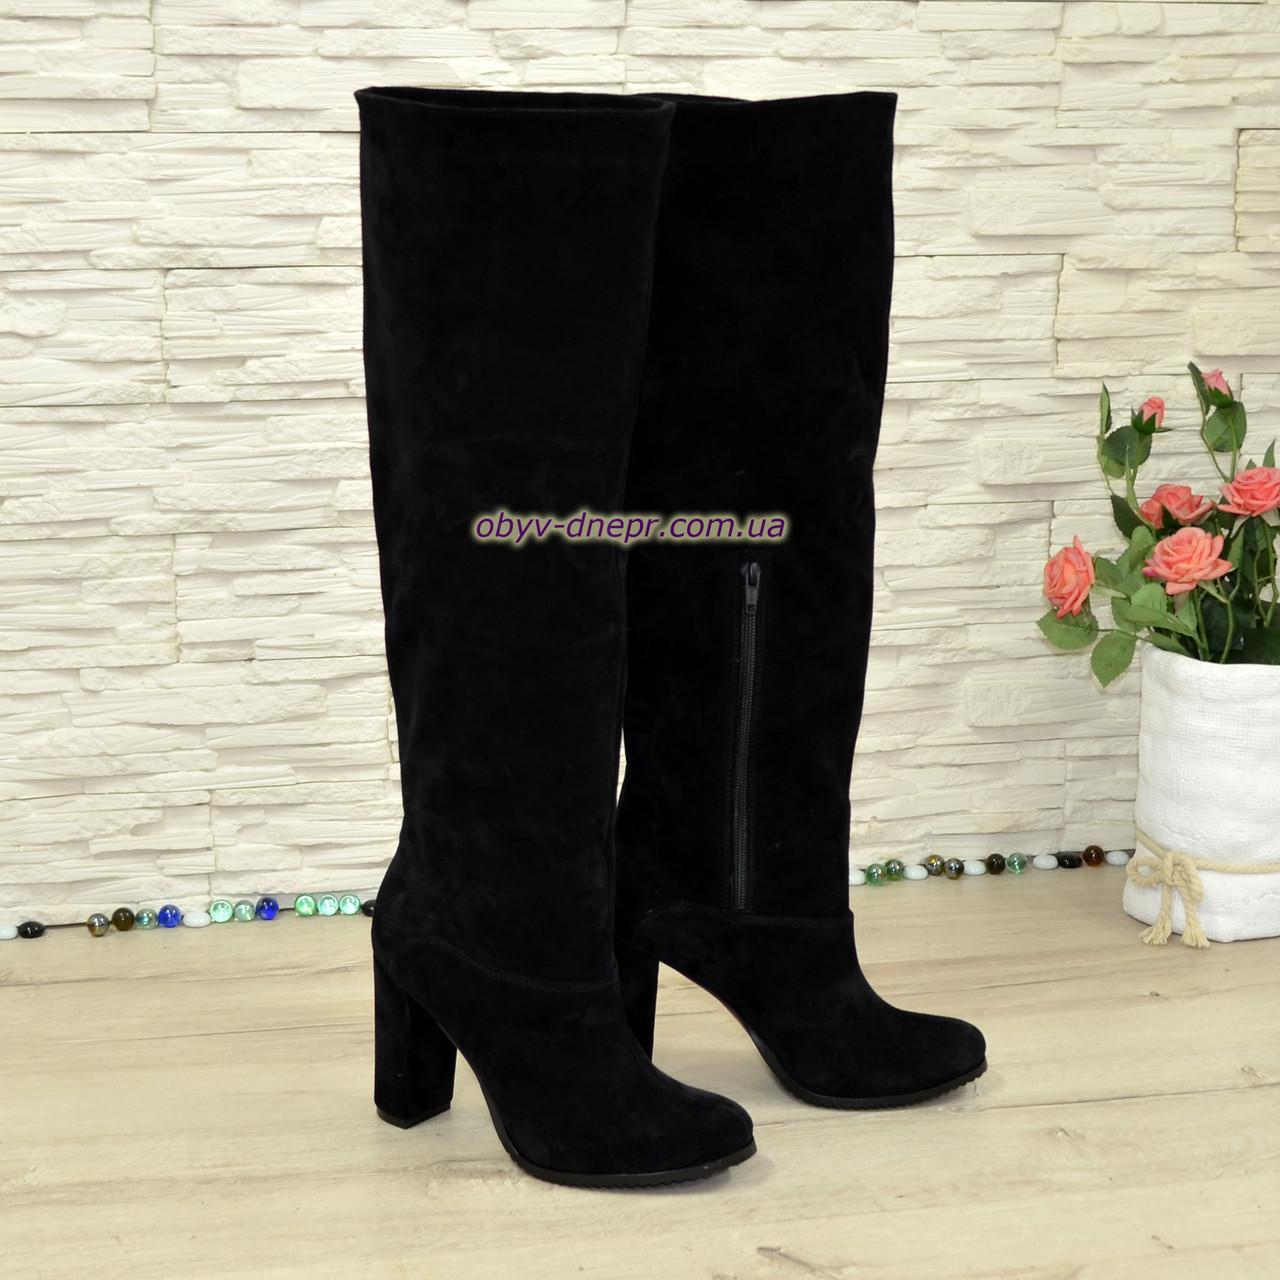 Замшевые ботфорты трубы на устойчивом каблуке, цвет черный